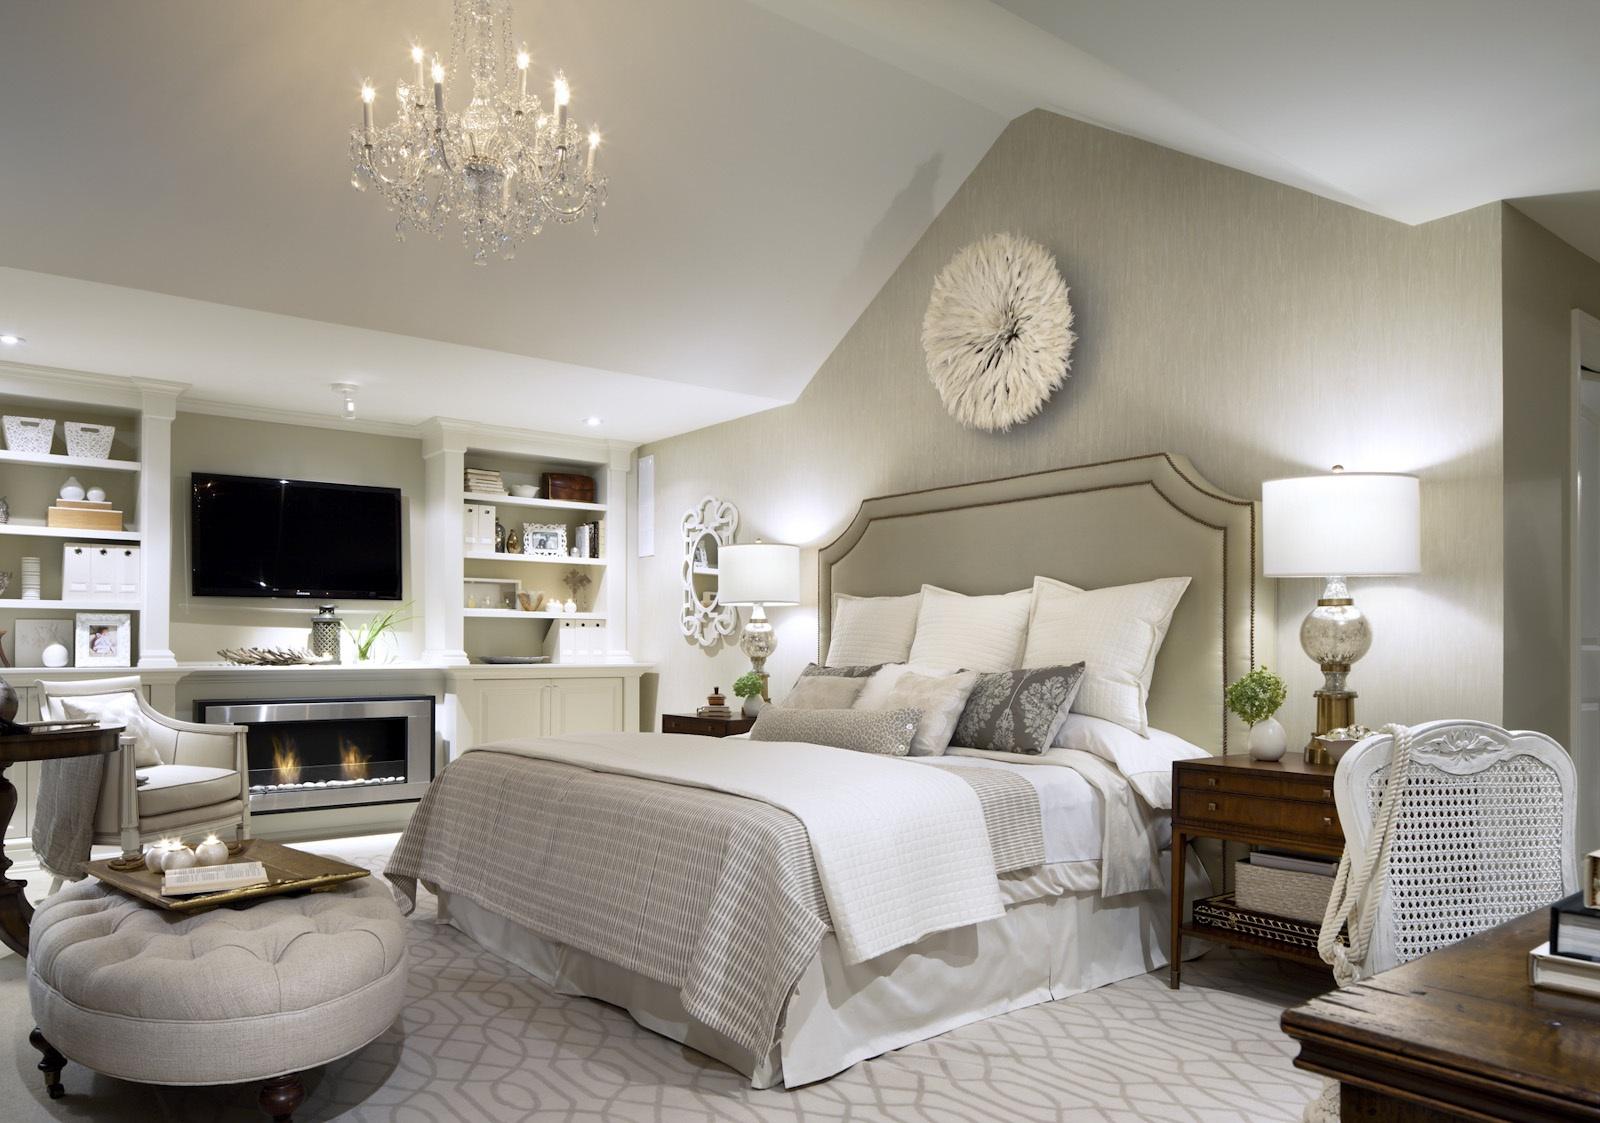 Master bedroom ideas grey  bpspotOeTcLCGEMTxwUoMqYIAAAAAAAAHwghhf